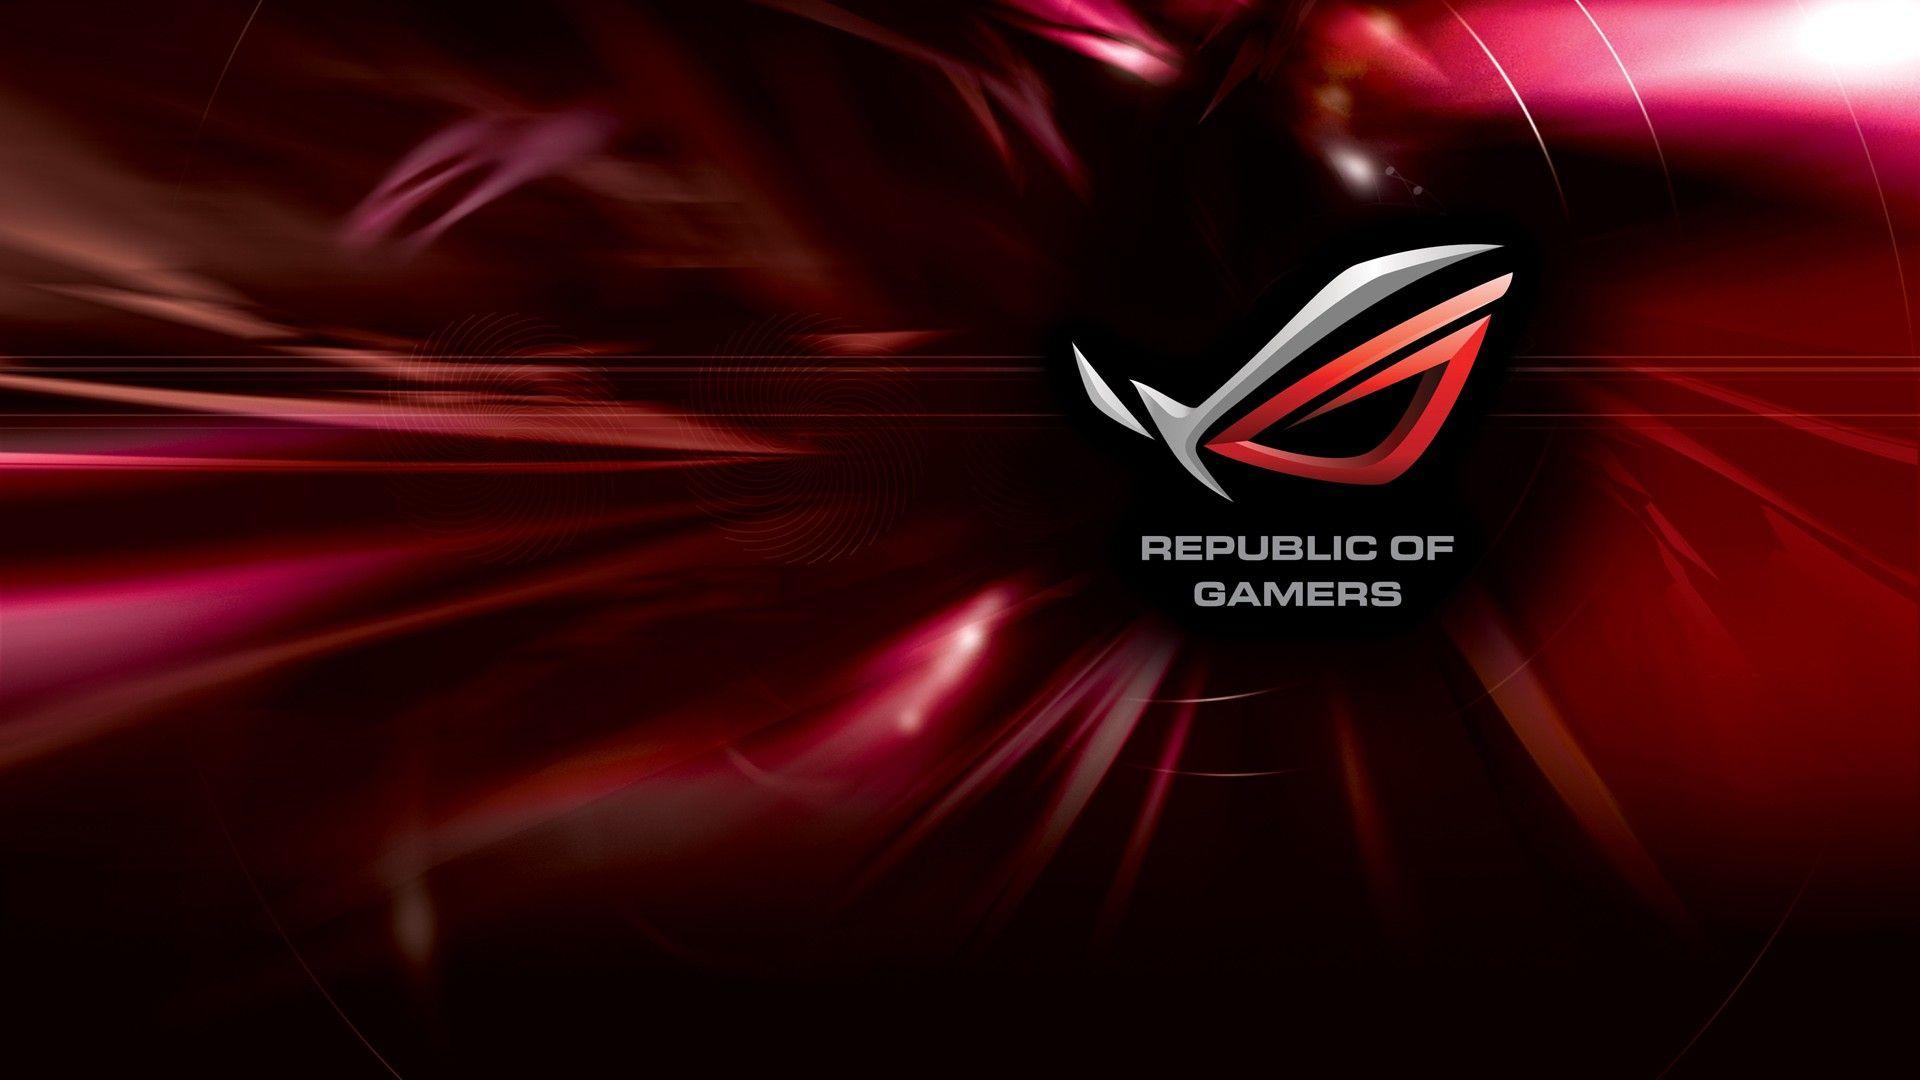 hình nền republic of gamers đẹp